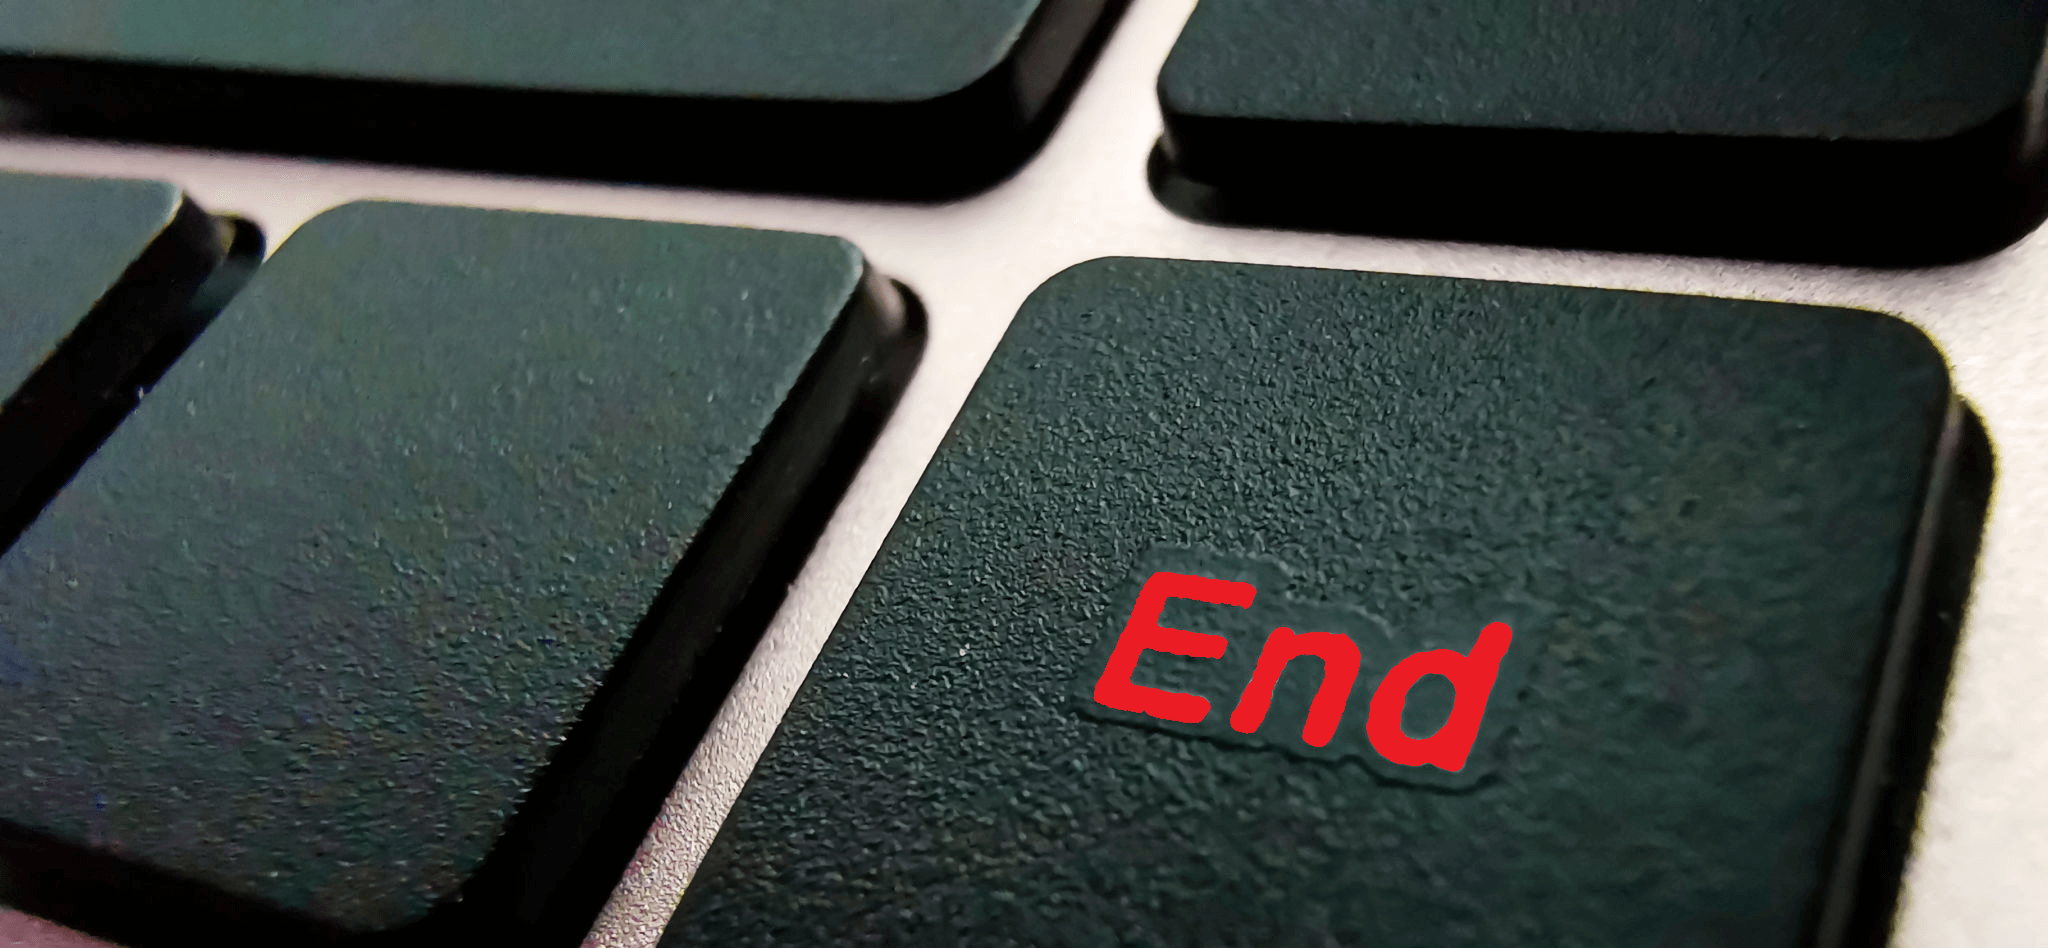 End key on keyboard